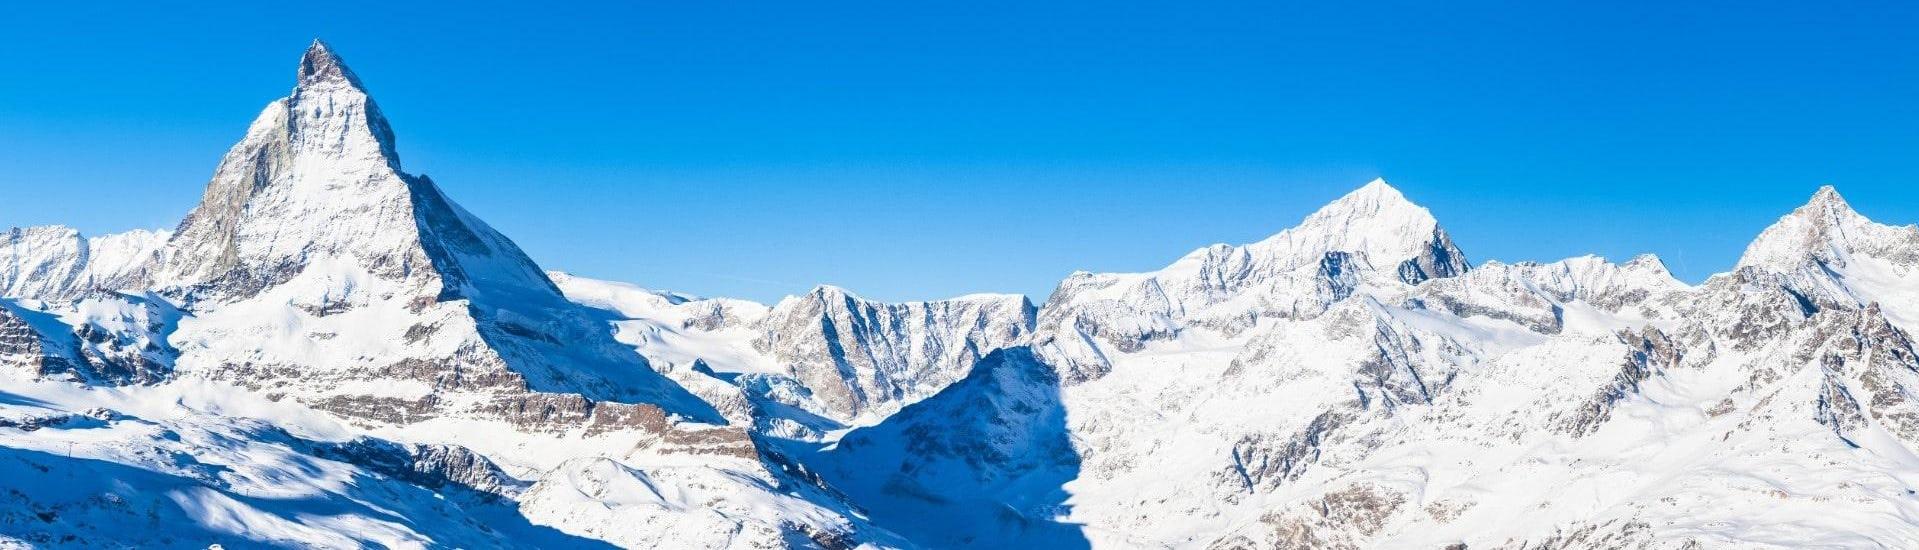 Vue sur un paysage de montagne ensoleillé lors d'un cours de ski avec l'une des écoles de ski de la station de ski Zermatt.